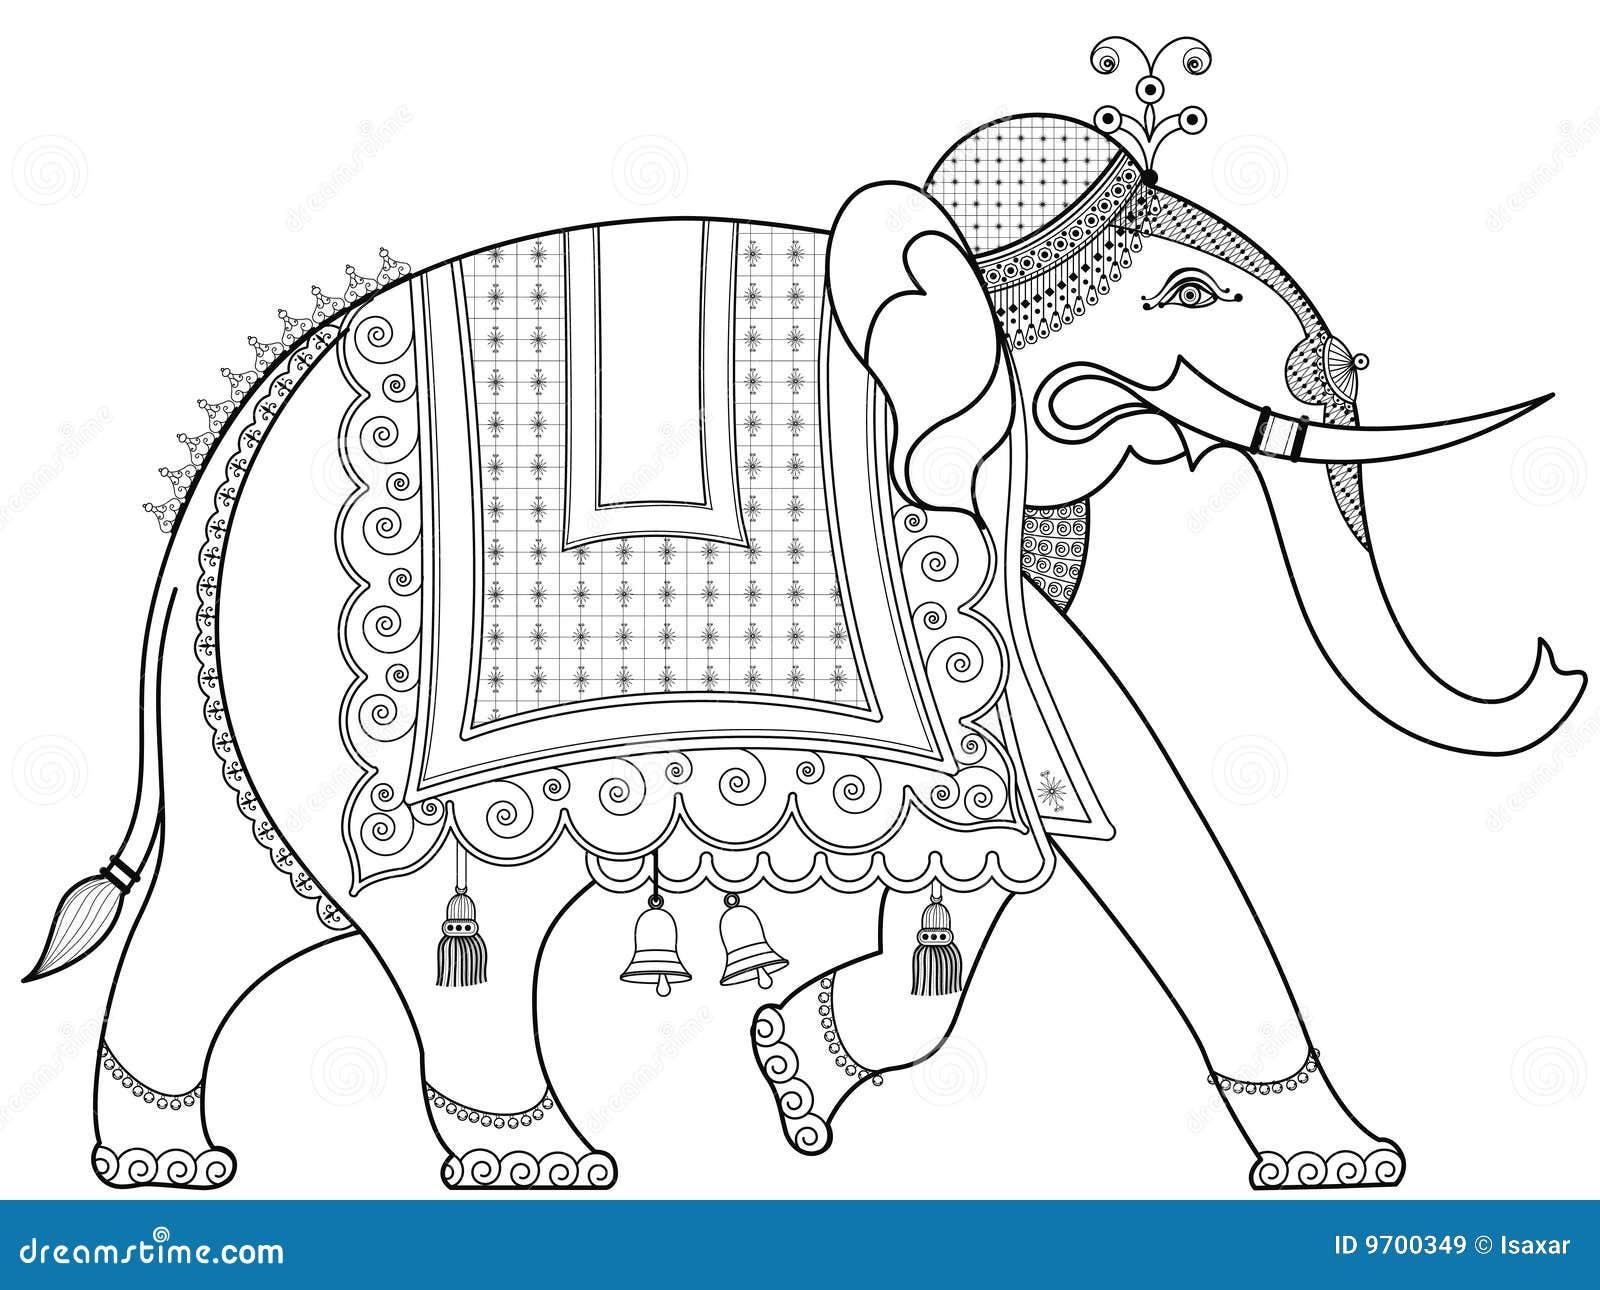 Dibujos Para Colorear De Elefantes De La India ~ Ideas Creativas ...